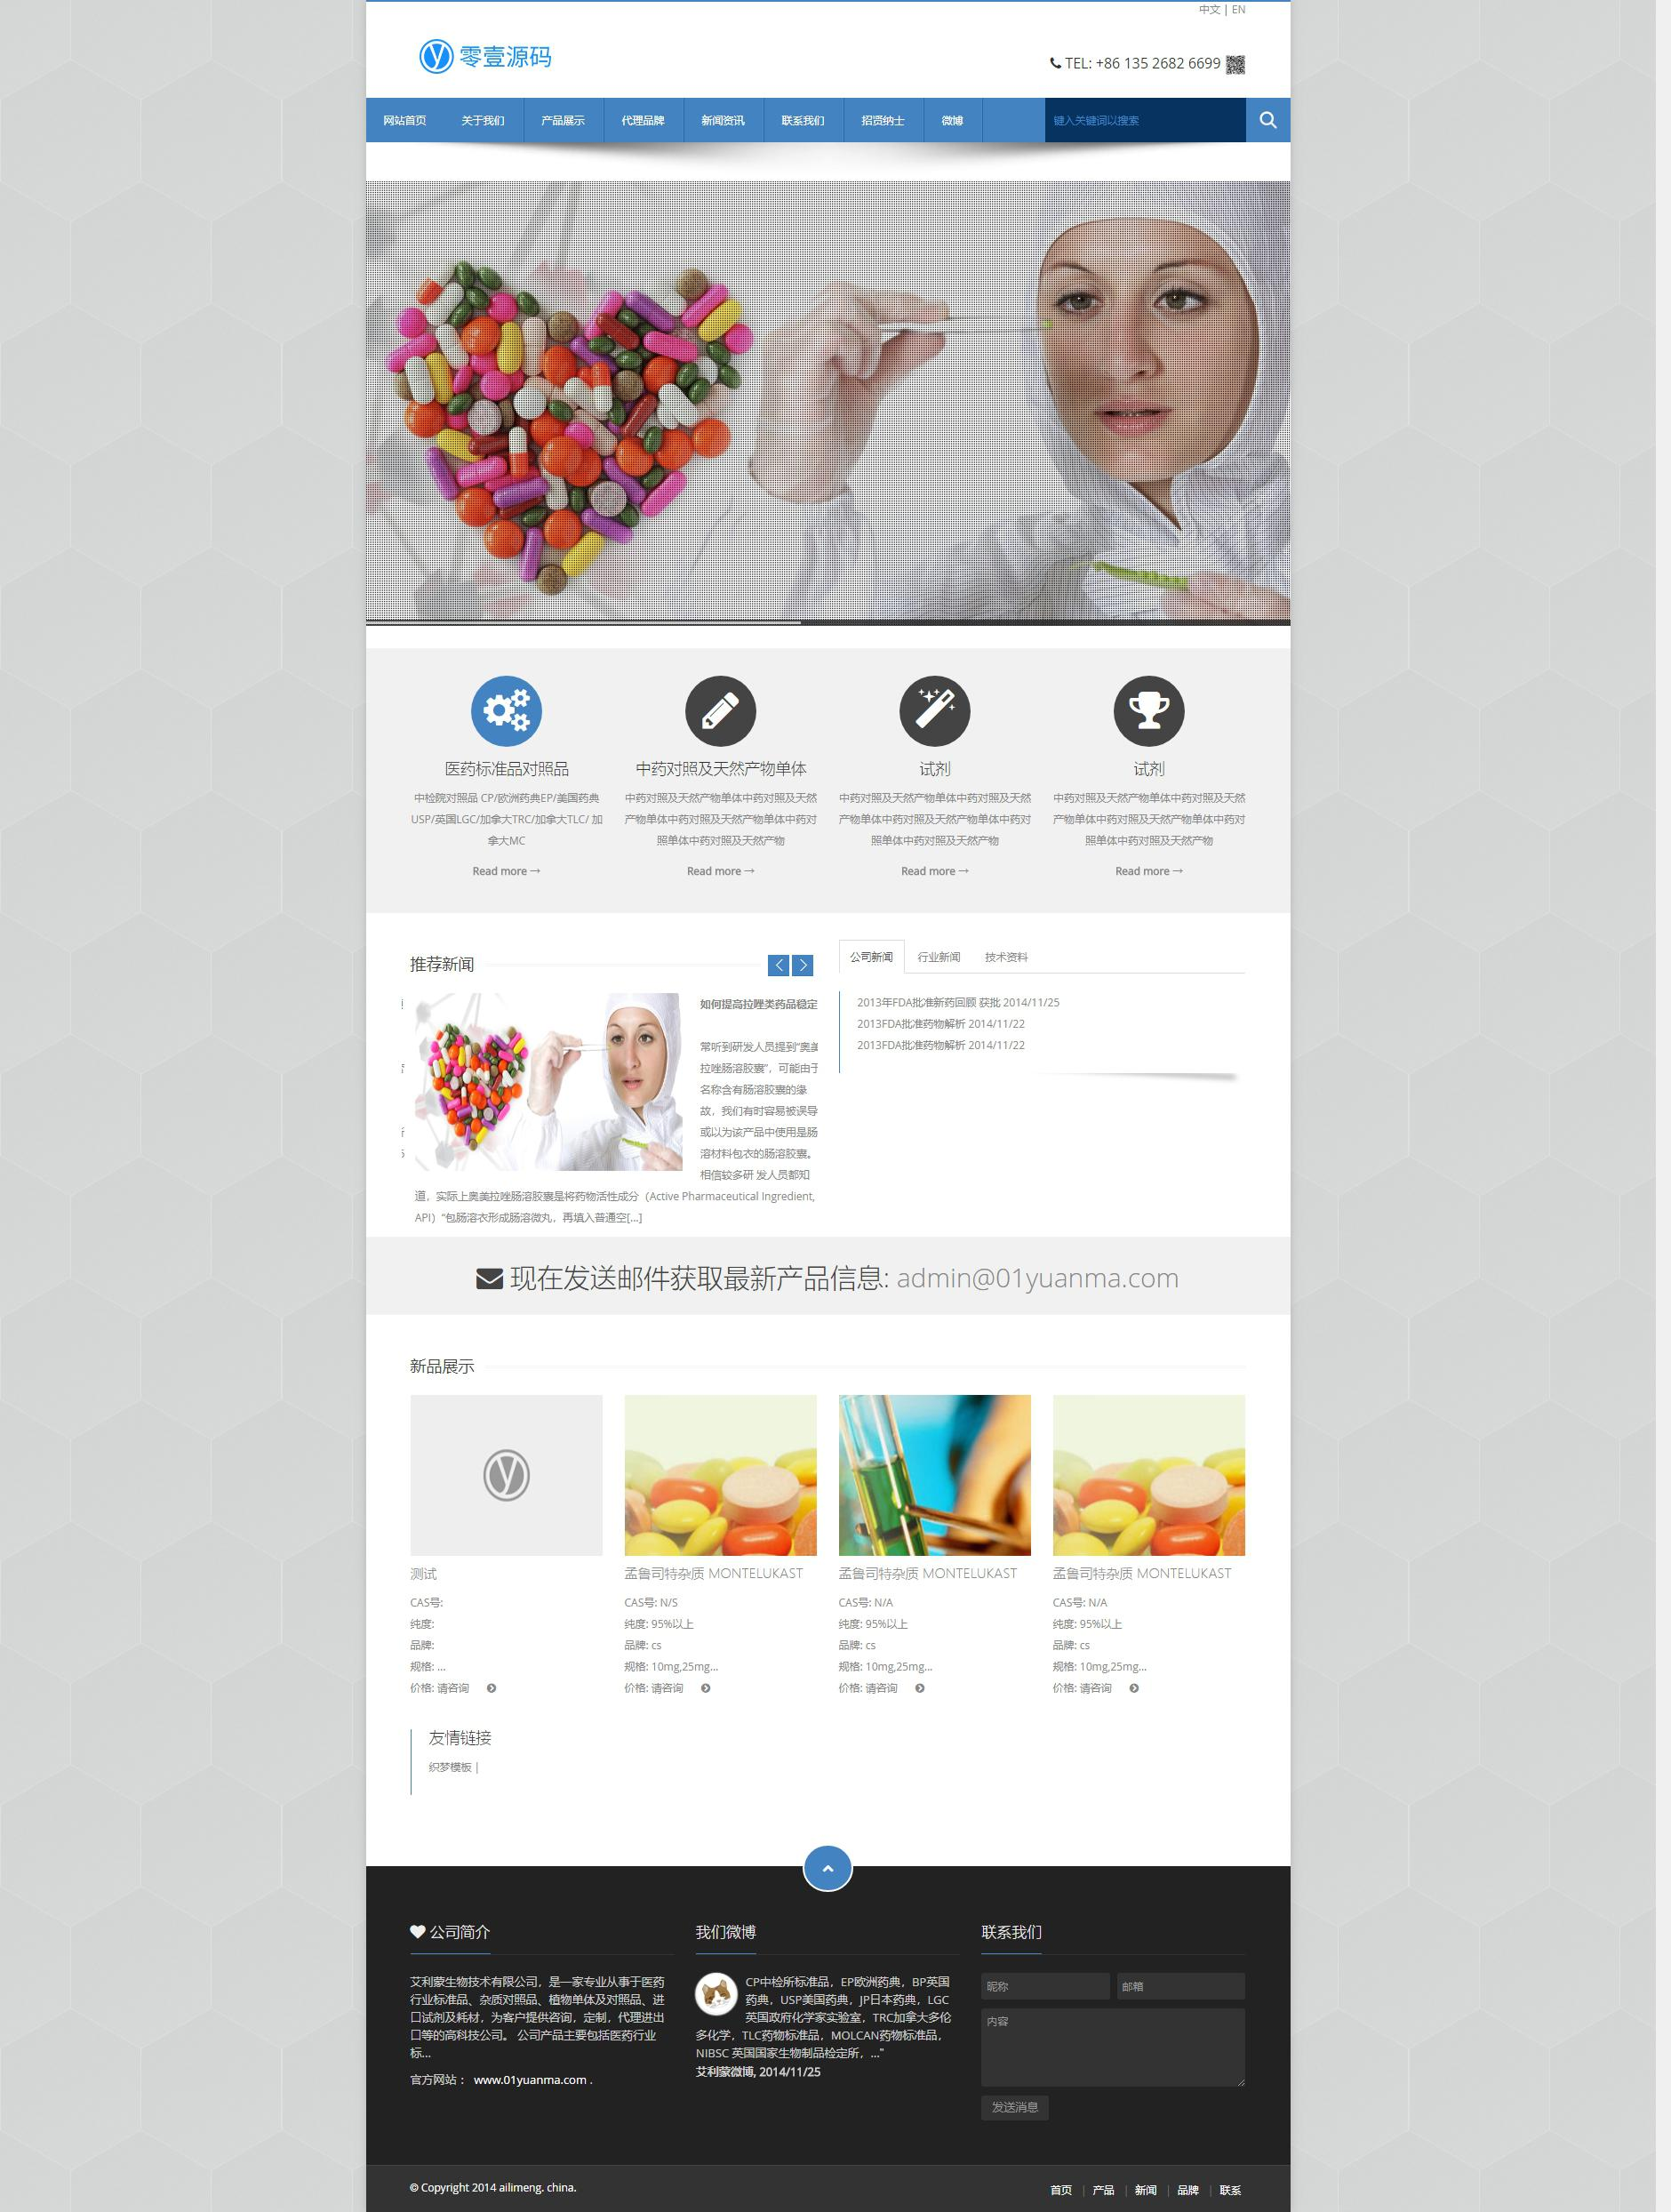 生物科技医学类网站织梦dedecms模板